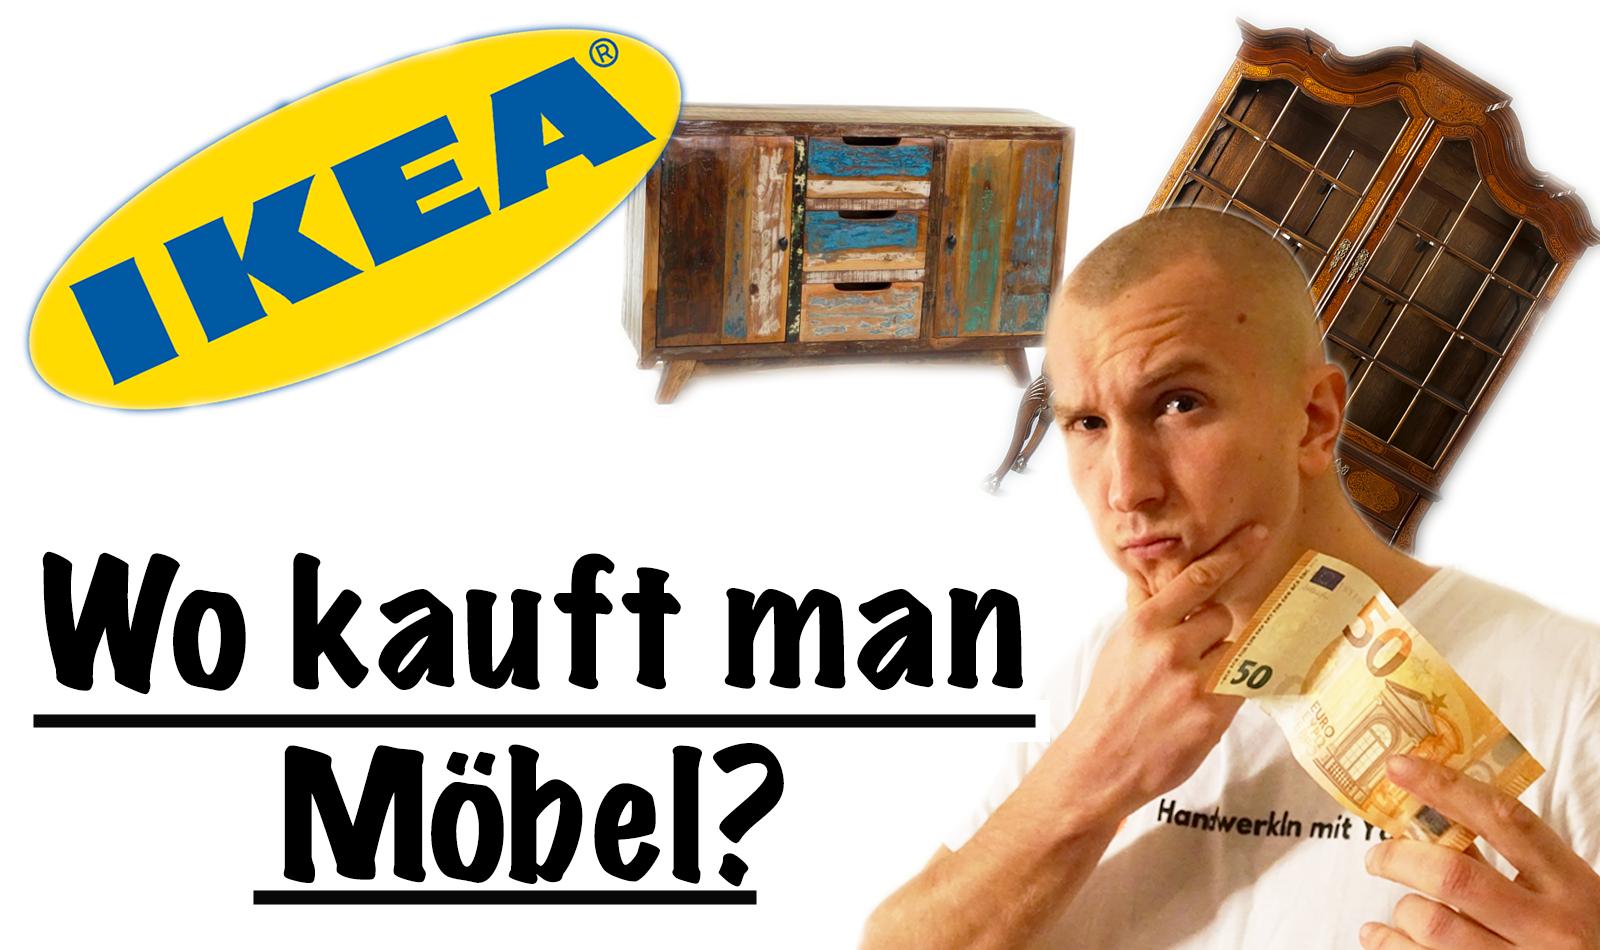 Wo kauft man Möbel? 5 Tipps vom Handwerker!